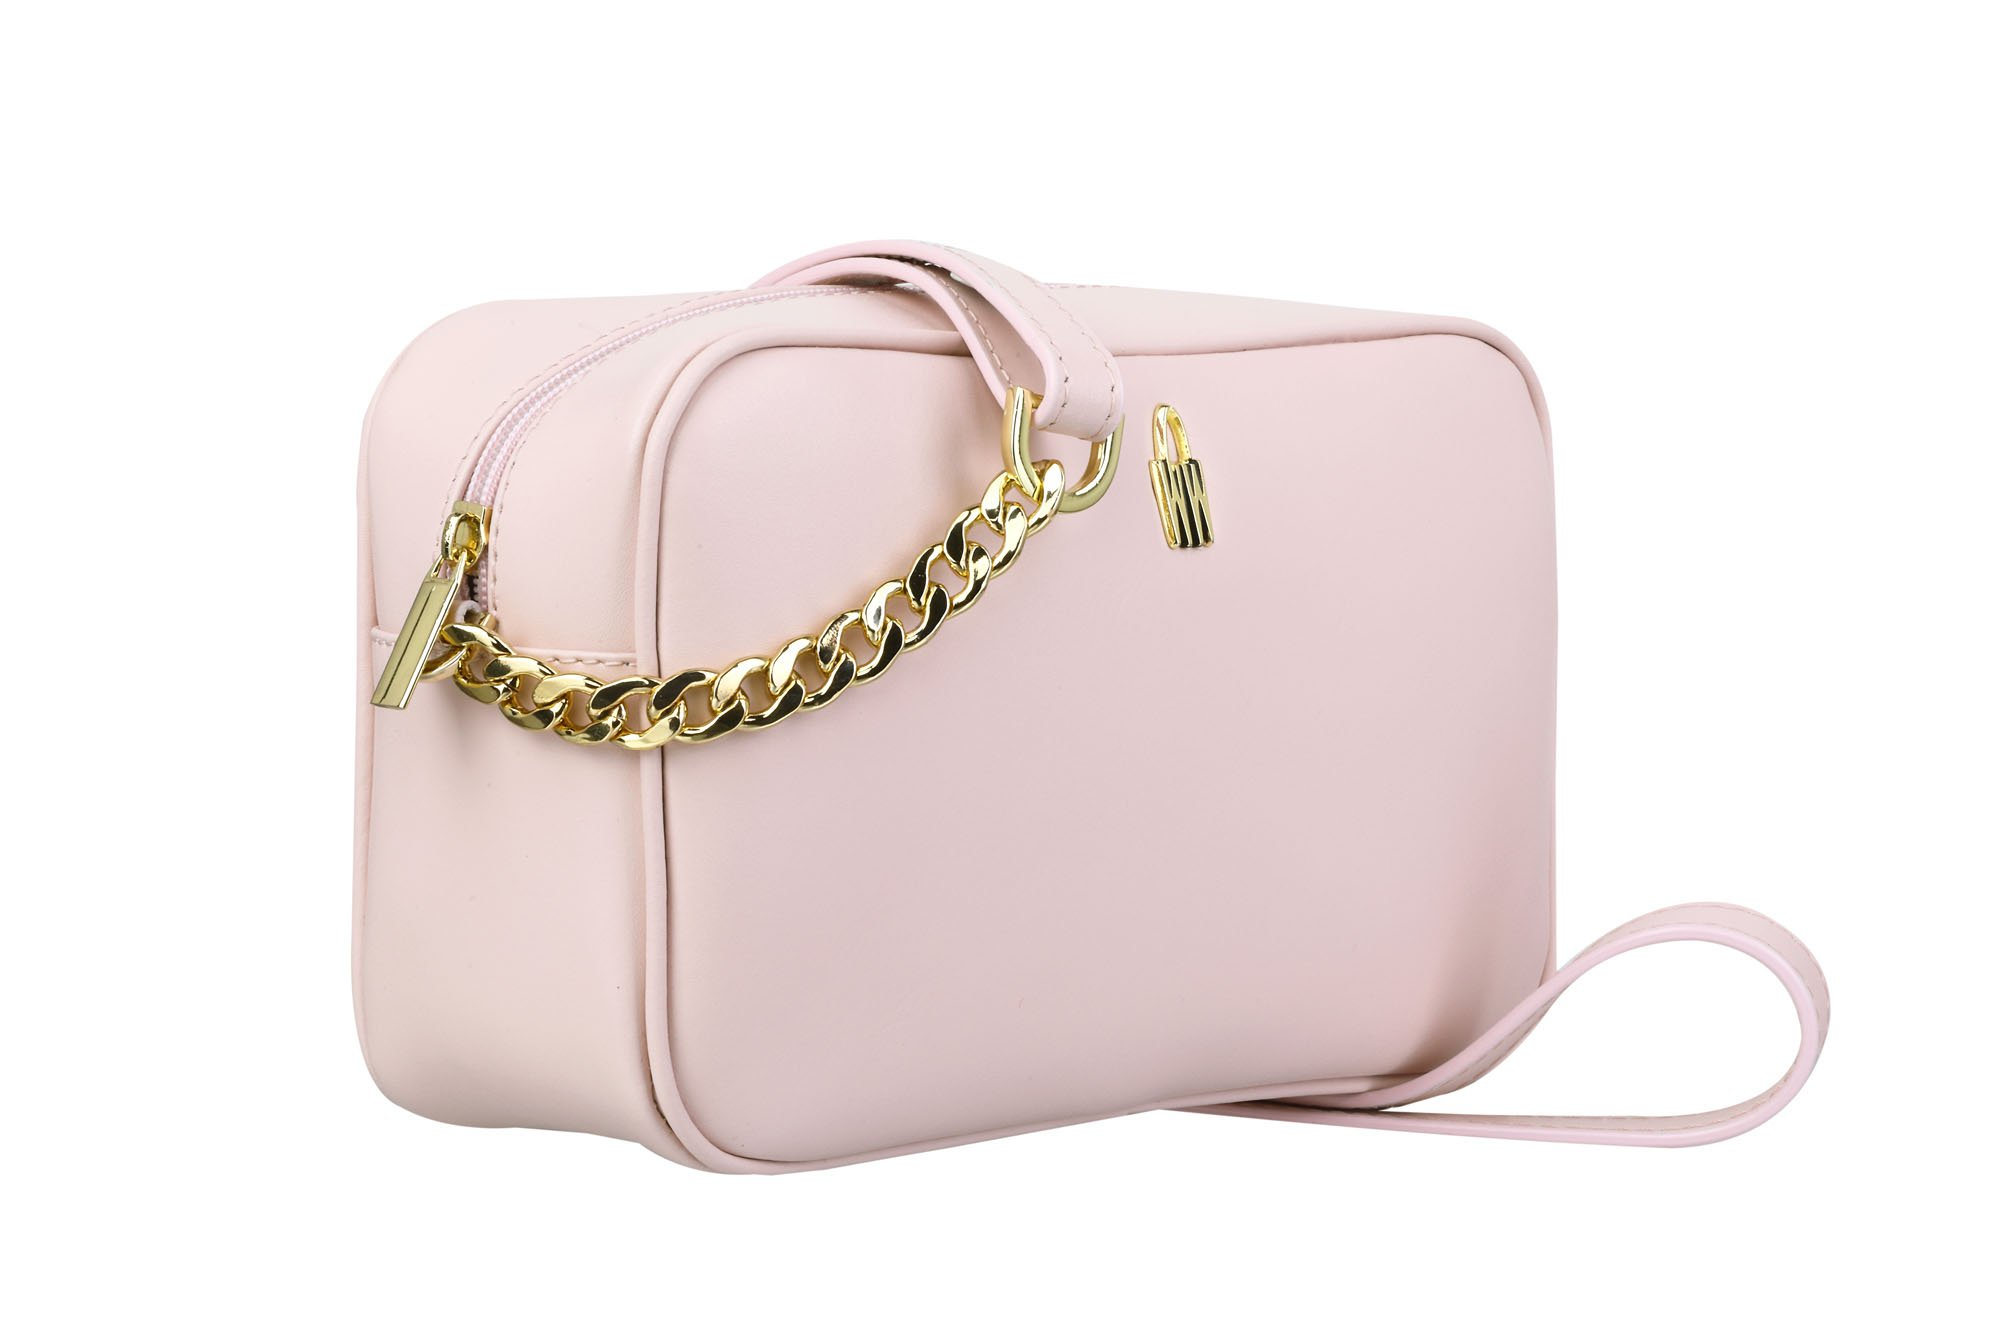 6c6e9dcb8 Wojewodzic malé luxusné kožené kabelky crossbody ružové 3174 - Glami.sk